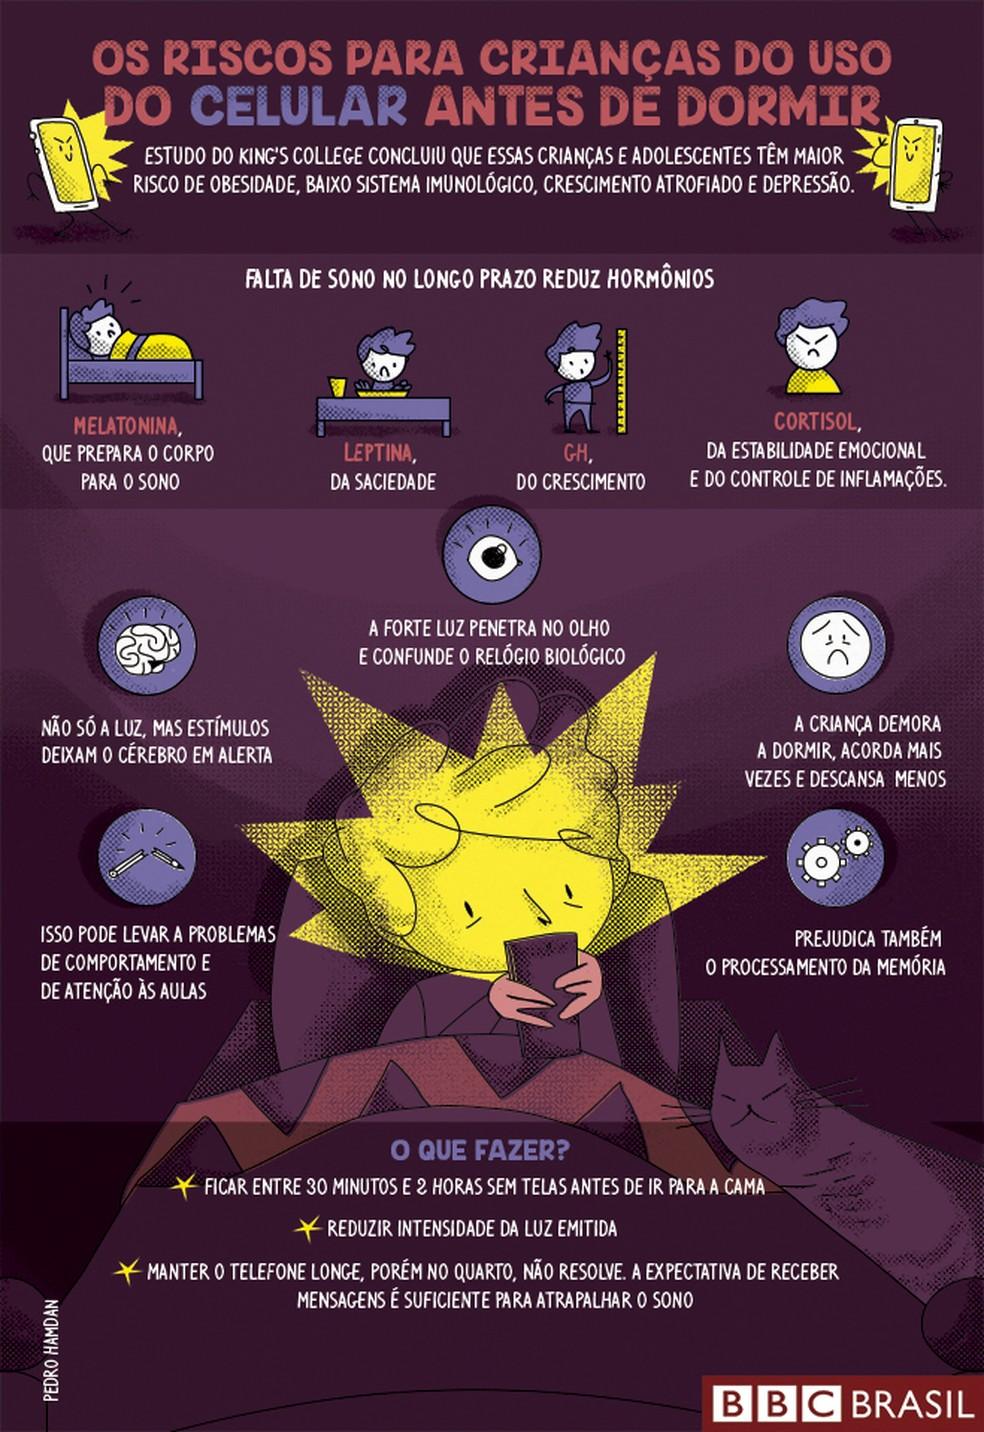 Os riscos para crianças do uso do celular antes de dormir (Foto: BBC)